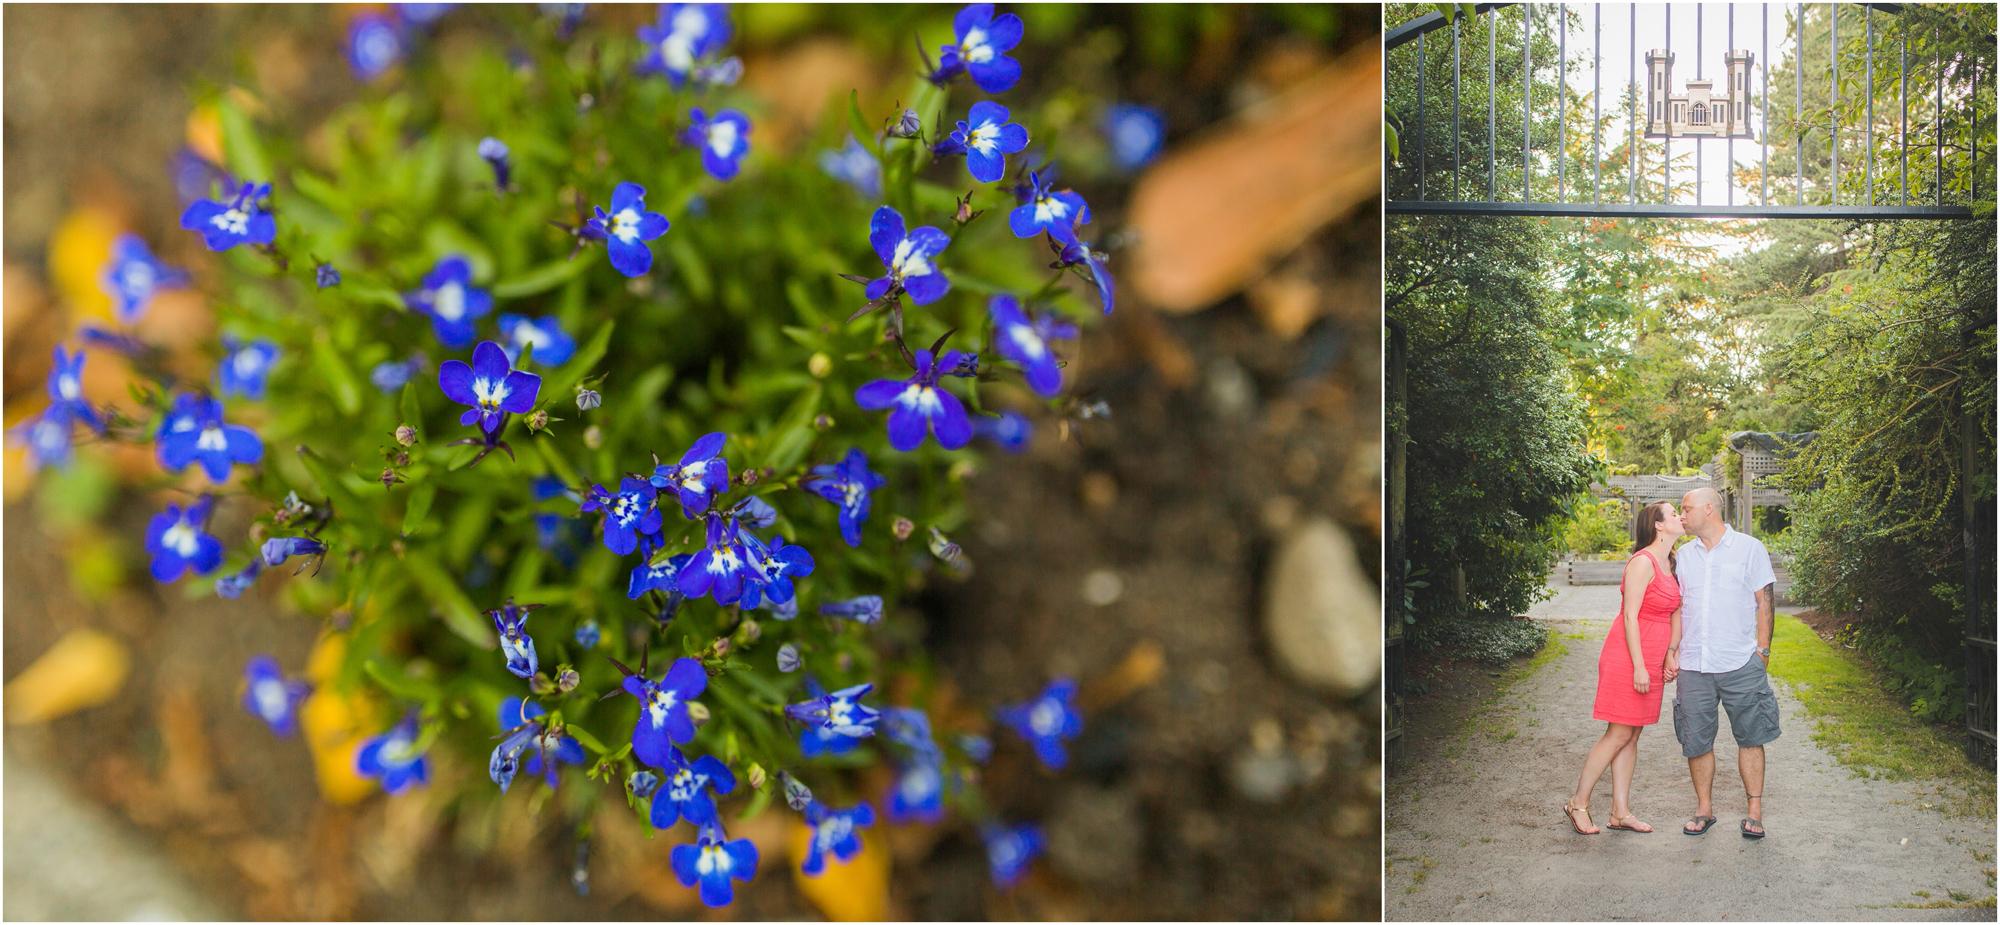 ashley vos photography seattle tacoma area engagement and wedding photographer_0423.jpg